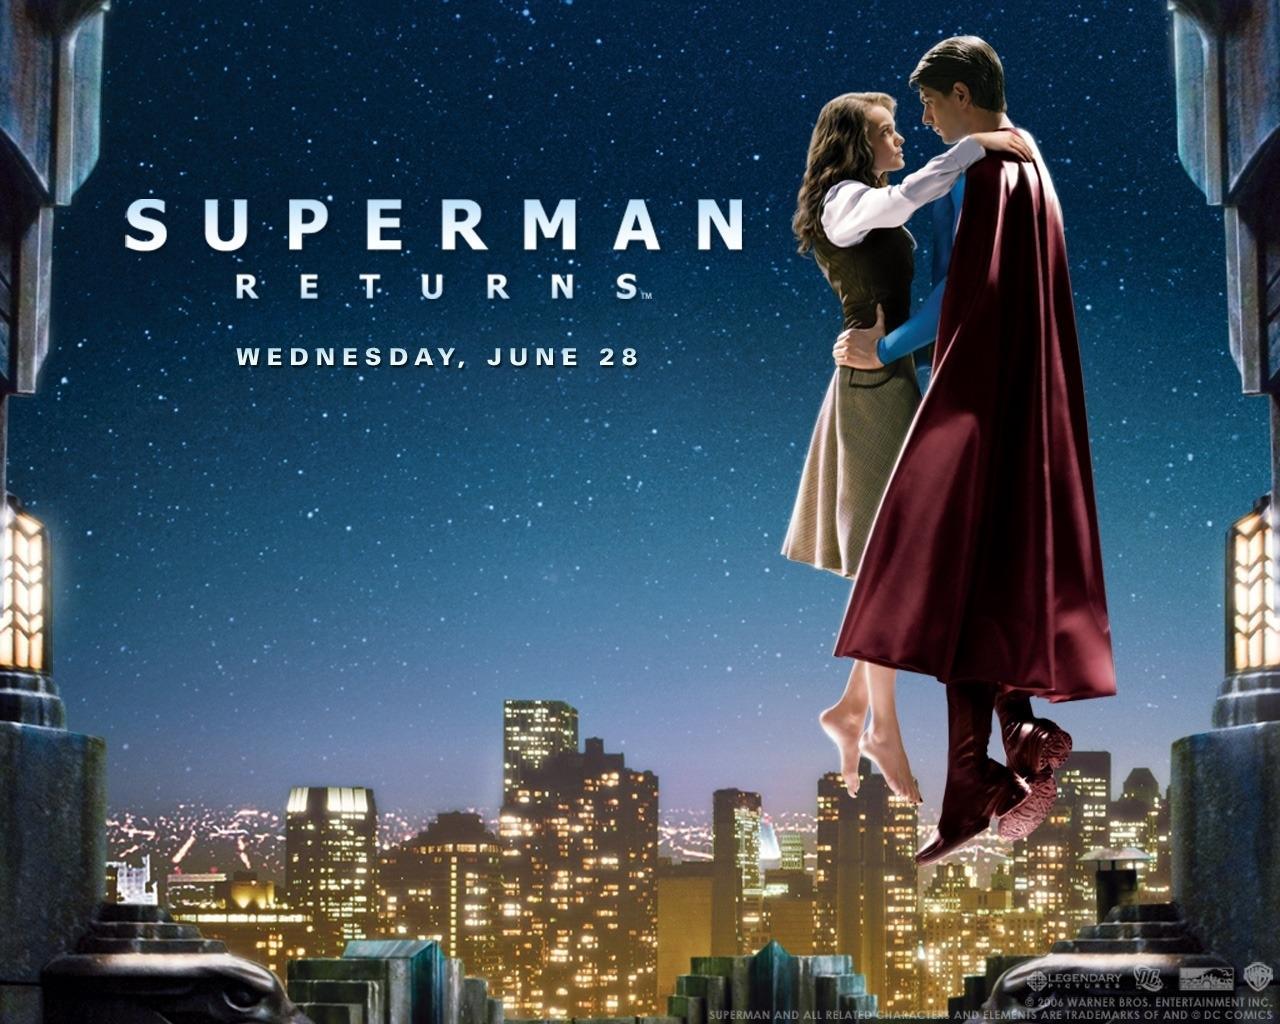 Fondos De Pantalla Superman Returns Película Descargar Imagenes